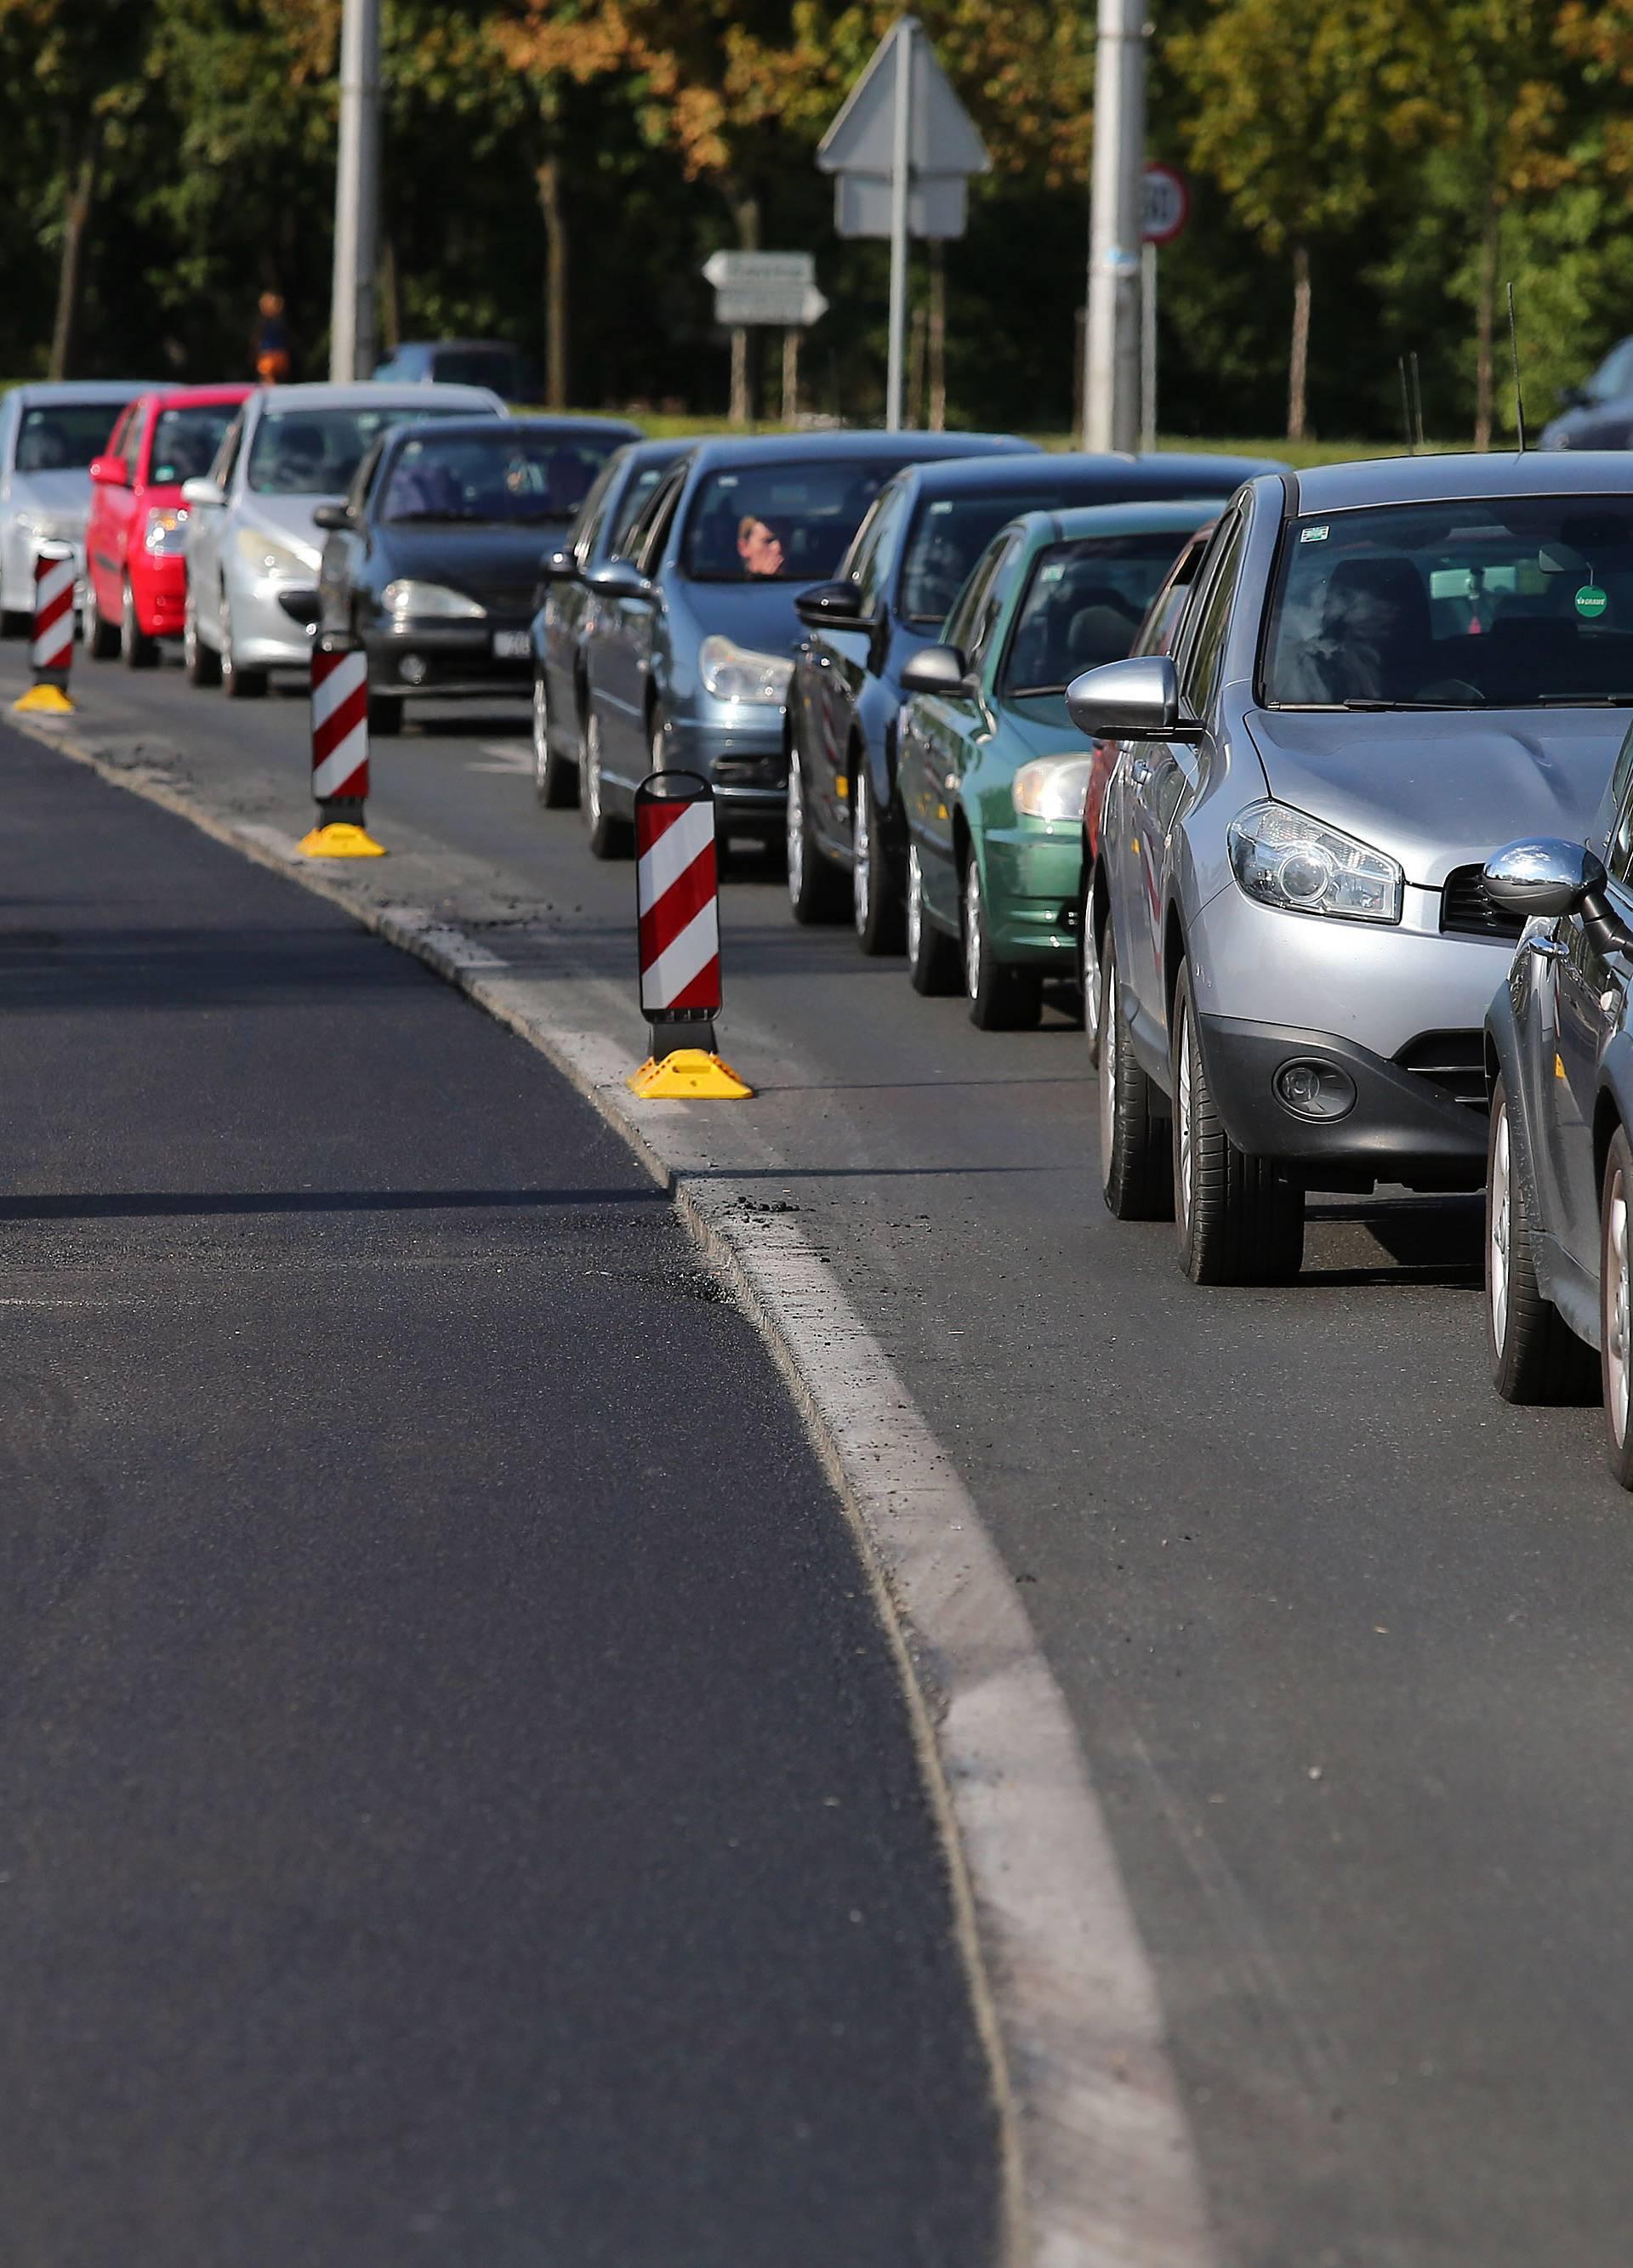 Zbog odrona prekinut promet državnom cestom u Vrgorcu